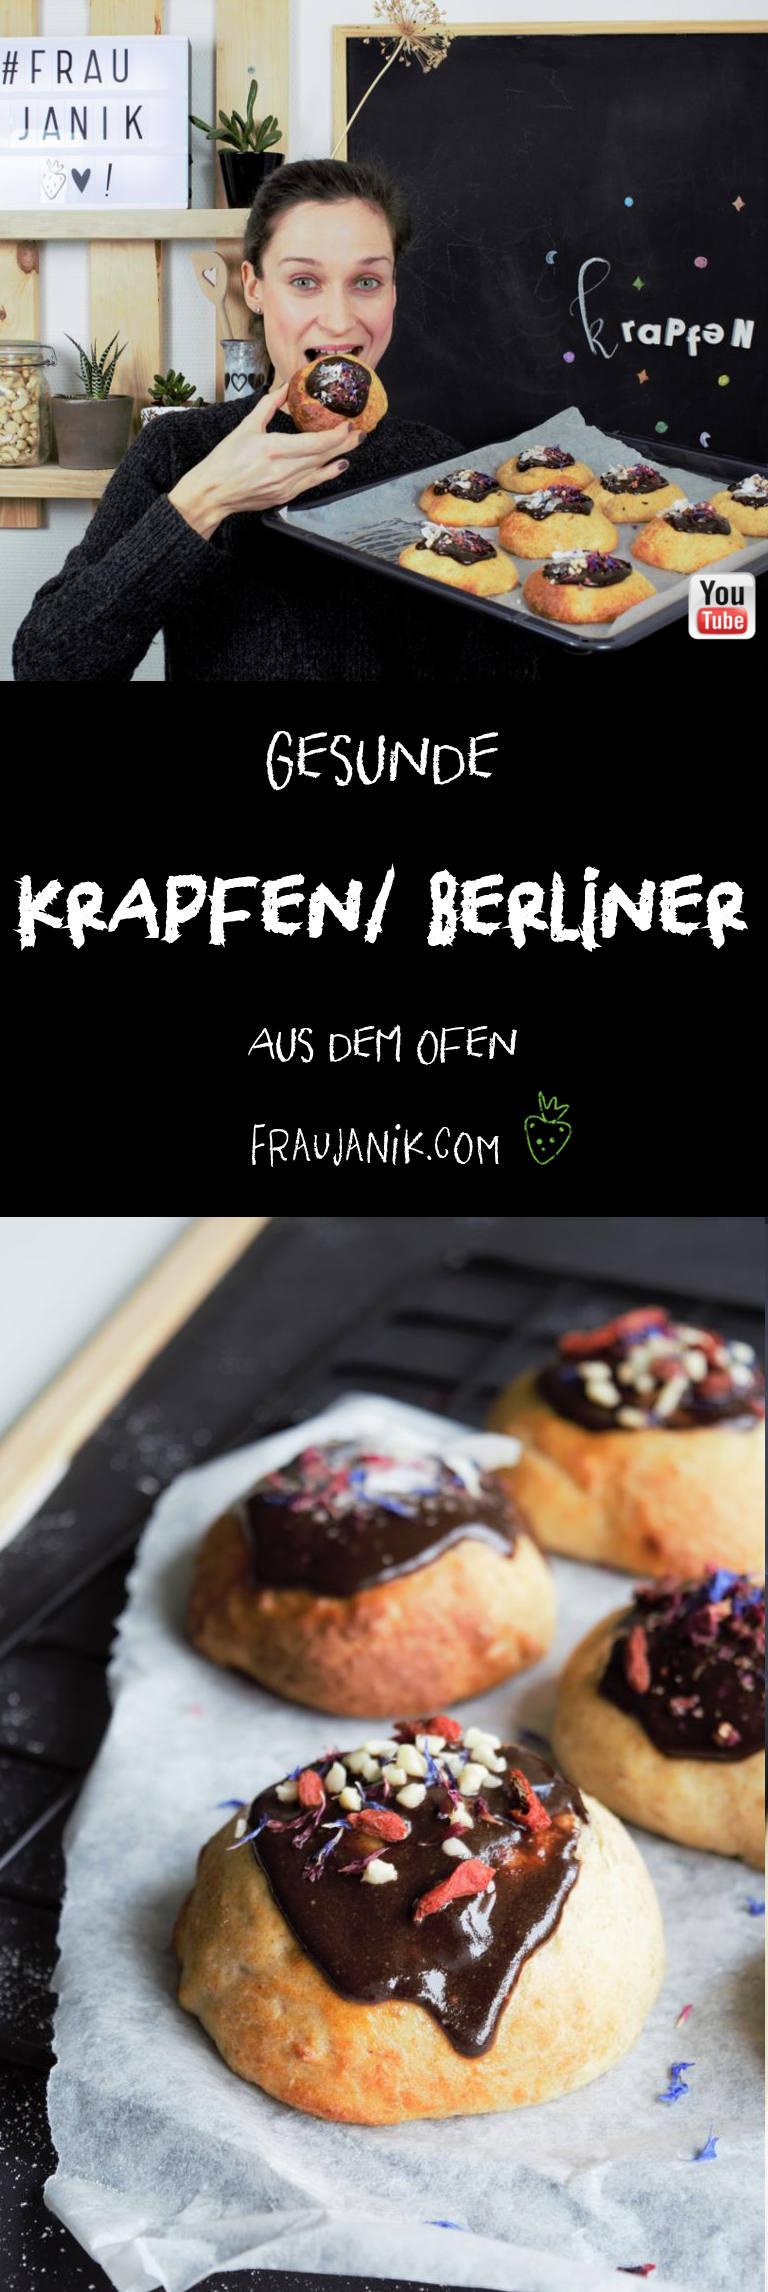 Krapfen, Berliner, gesund, aus dem Ofen